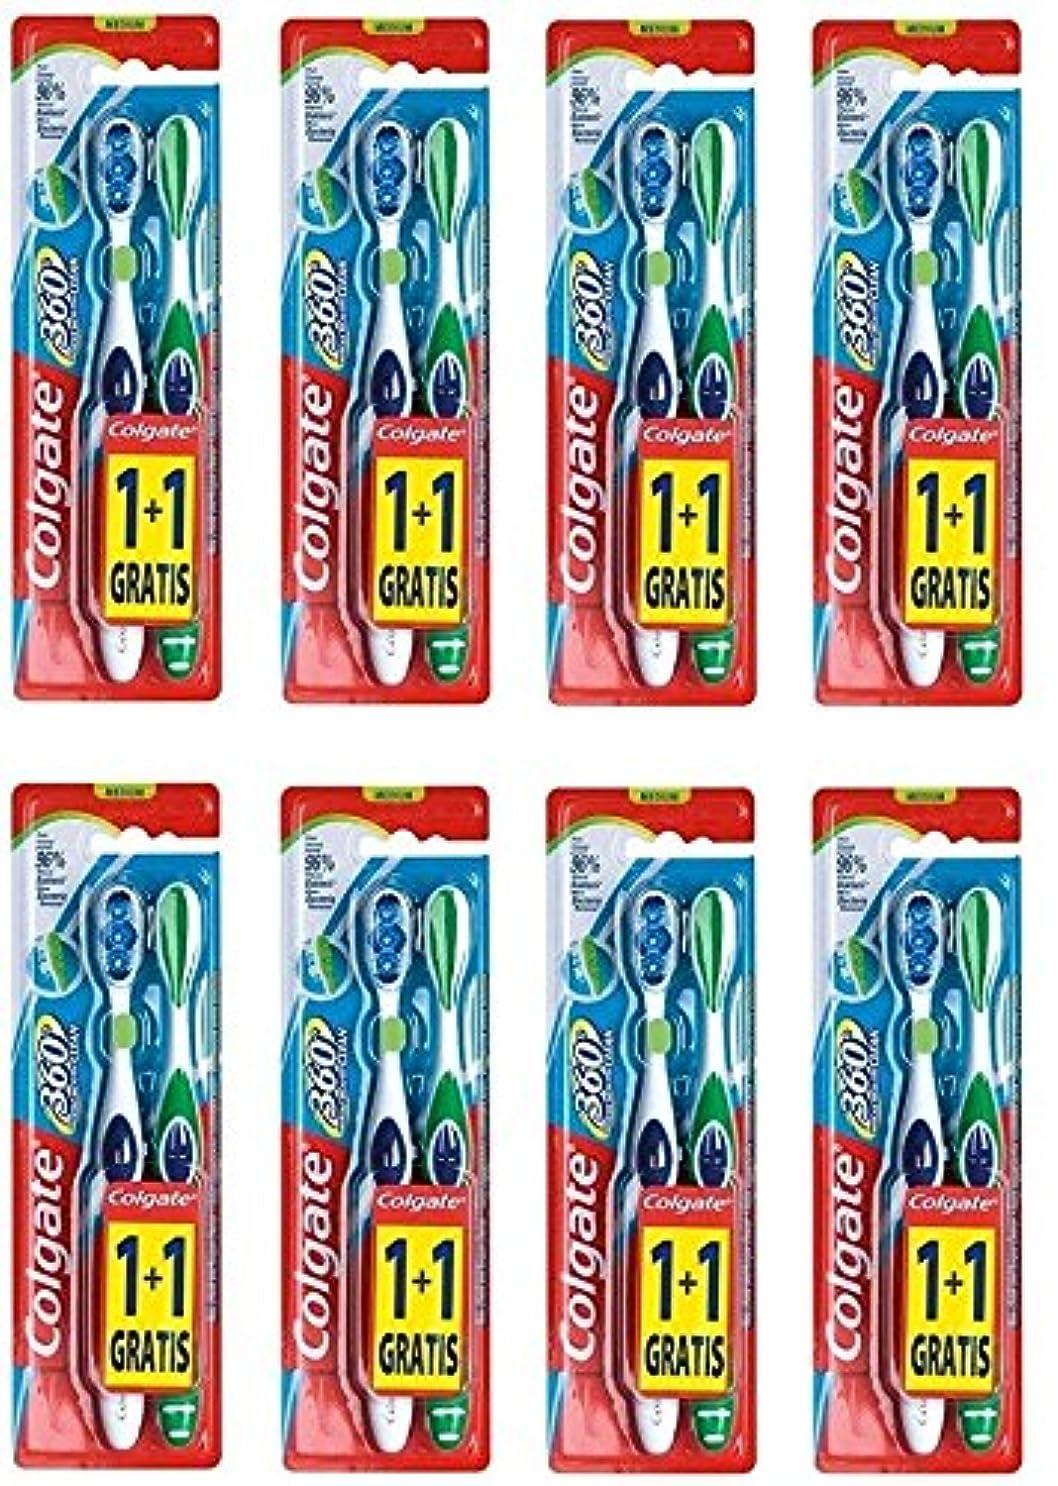 取得するアイドルリーンColgate 360 Whole Mouth Clean コルゲート 歯ブラシ 16個 (2 x 8) [並行輸入品]